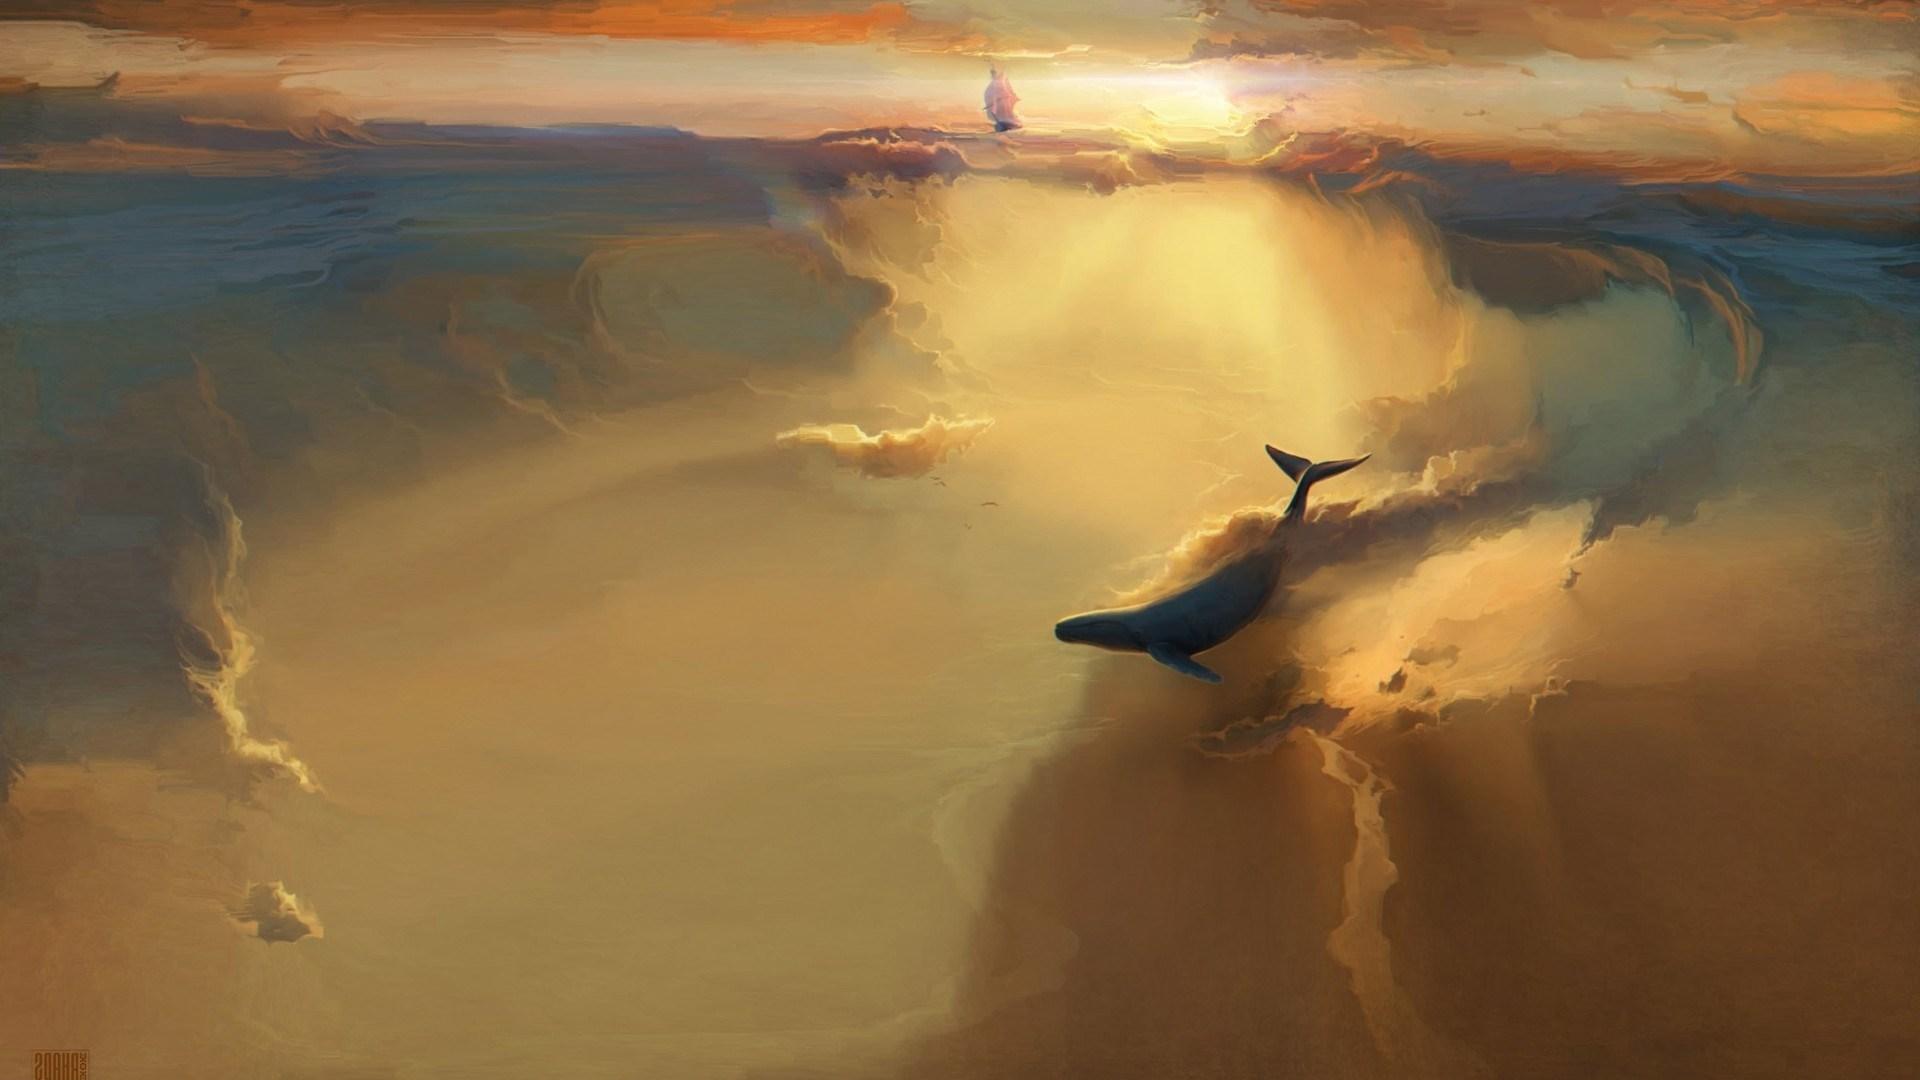 Ship Whale Artwork